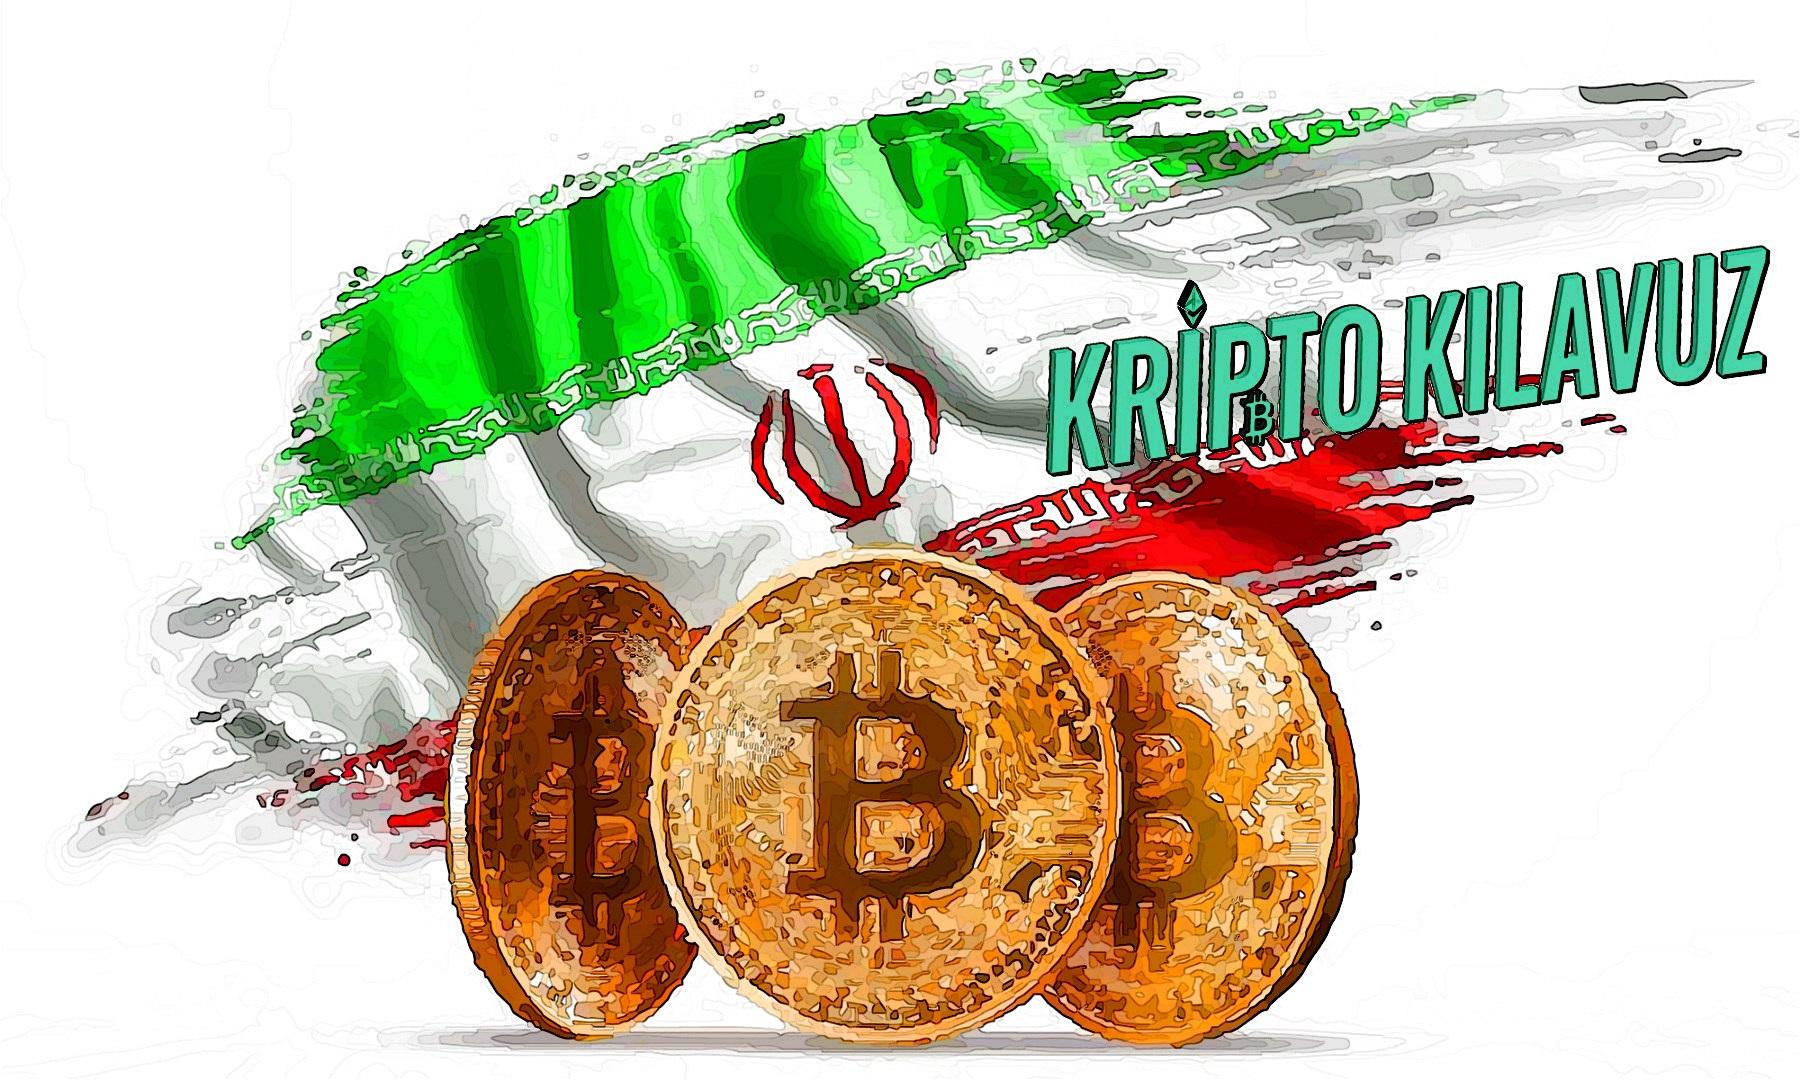 İran ABD'nin Yaptırımlarını Aşmak İçin Rial Destekli Stabilcoin Piyasaya Sürmeye Hazırlanıyor